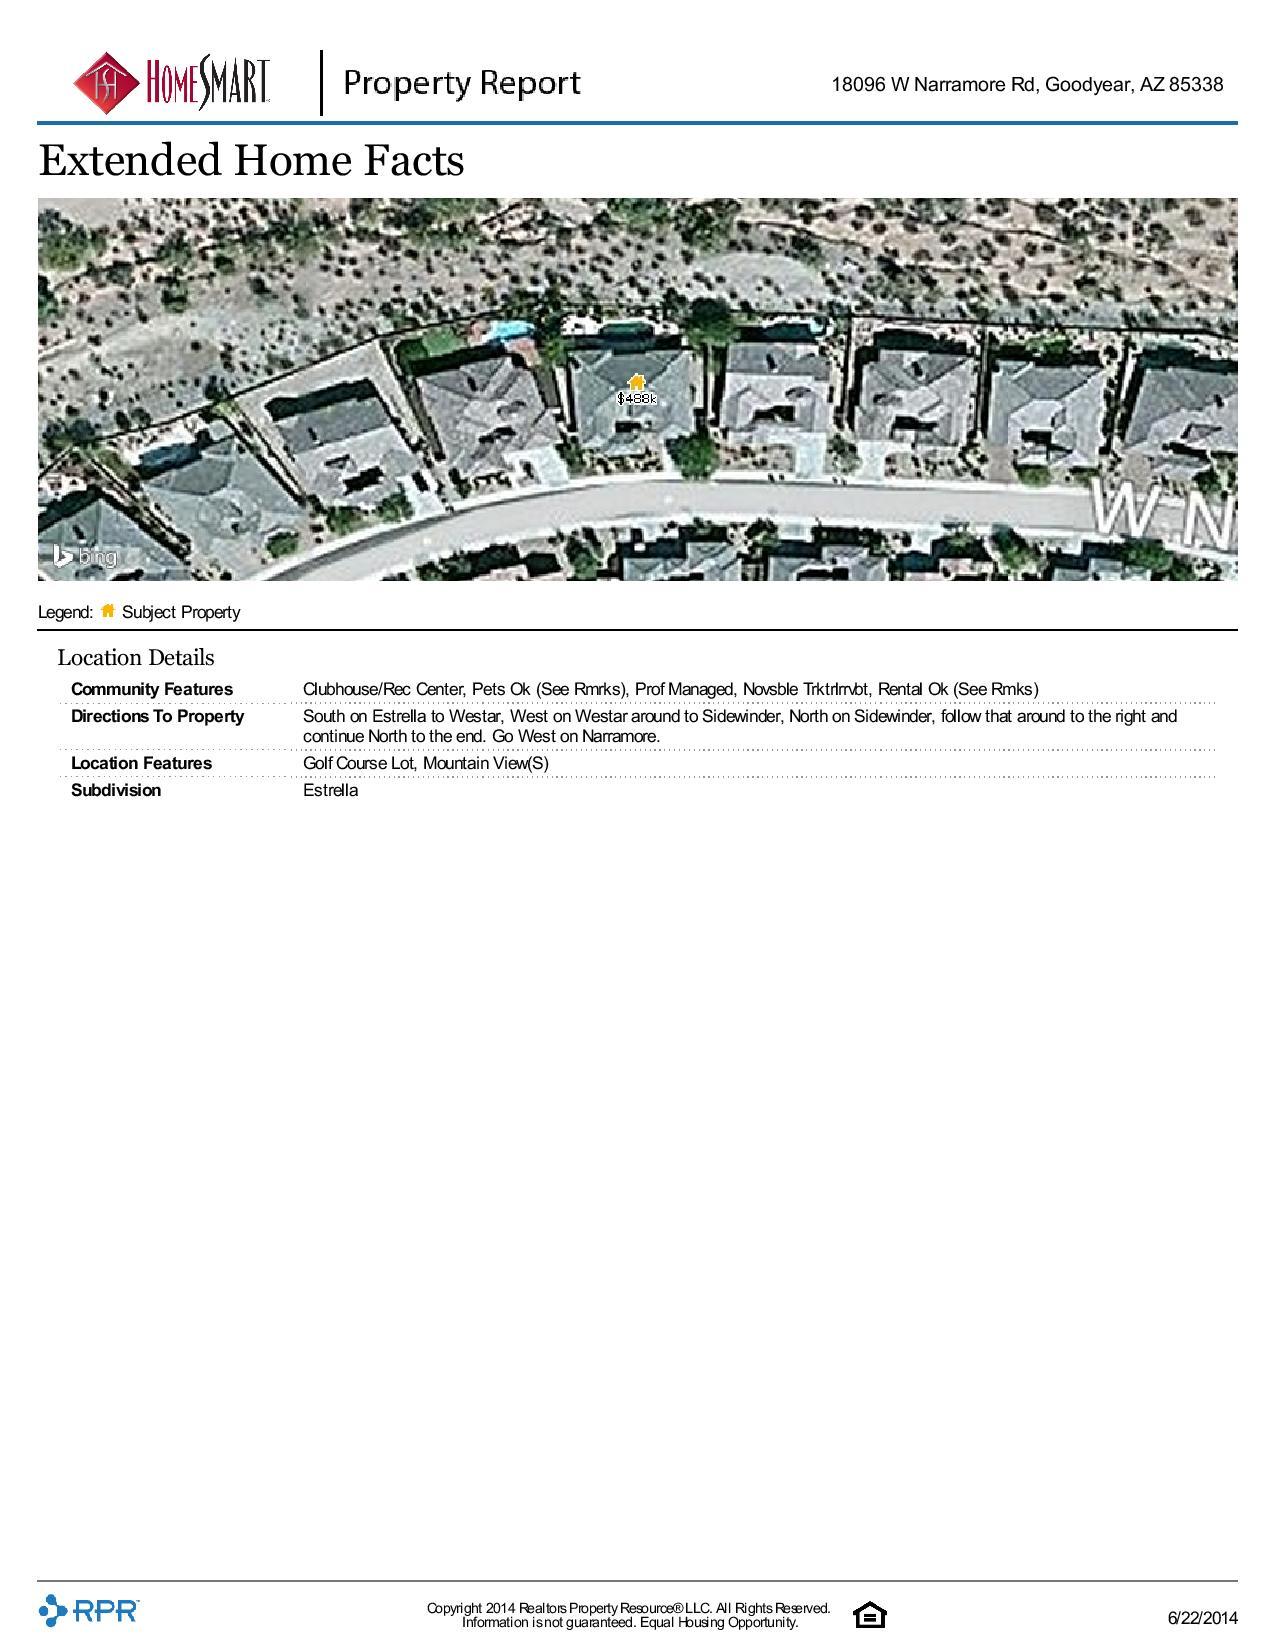 18096-W-Narramore-Rd-Goodyear-AZ-85338-page-004